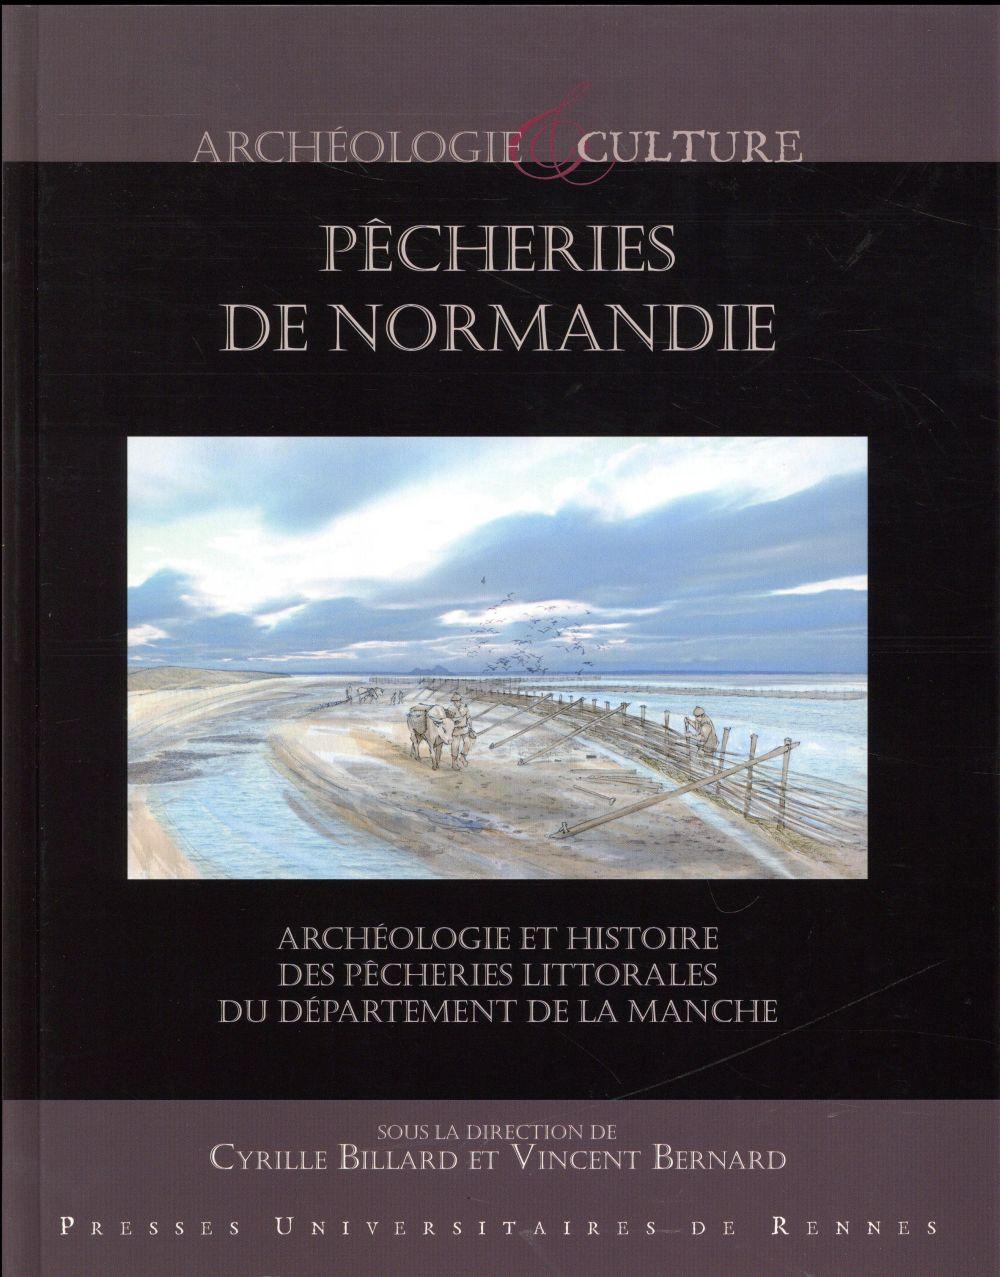 Pêcheries de Normandie; archéologie et histoire des pêcheries littorales du département de la Manche